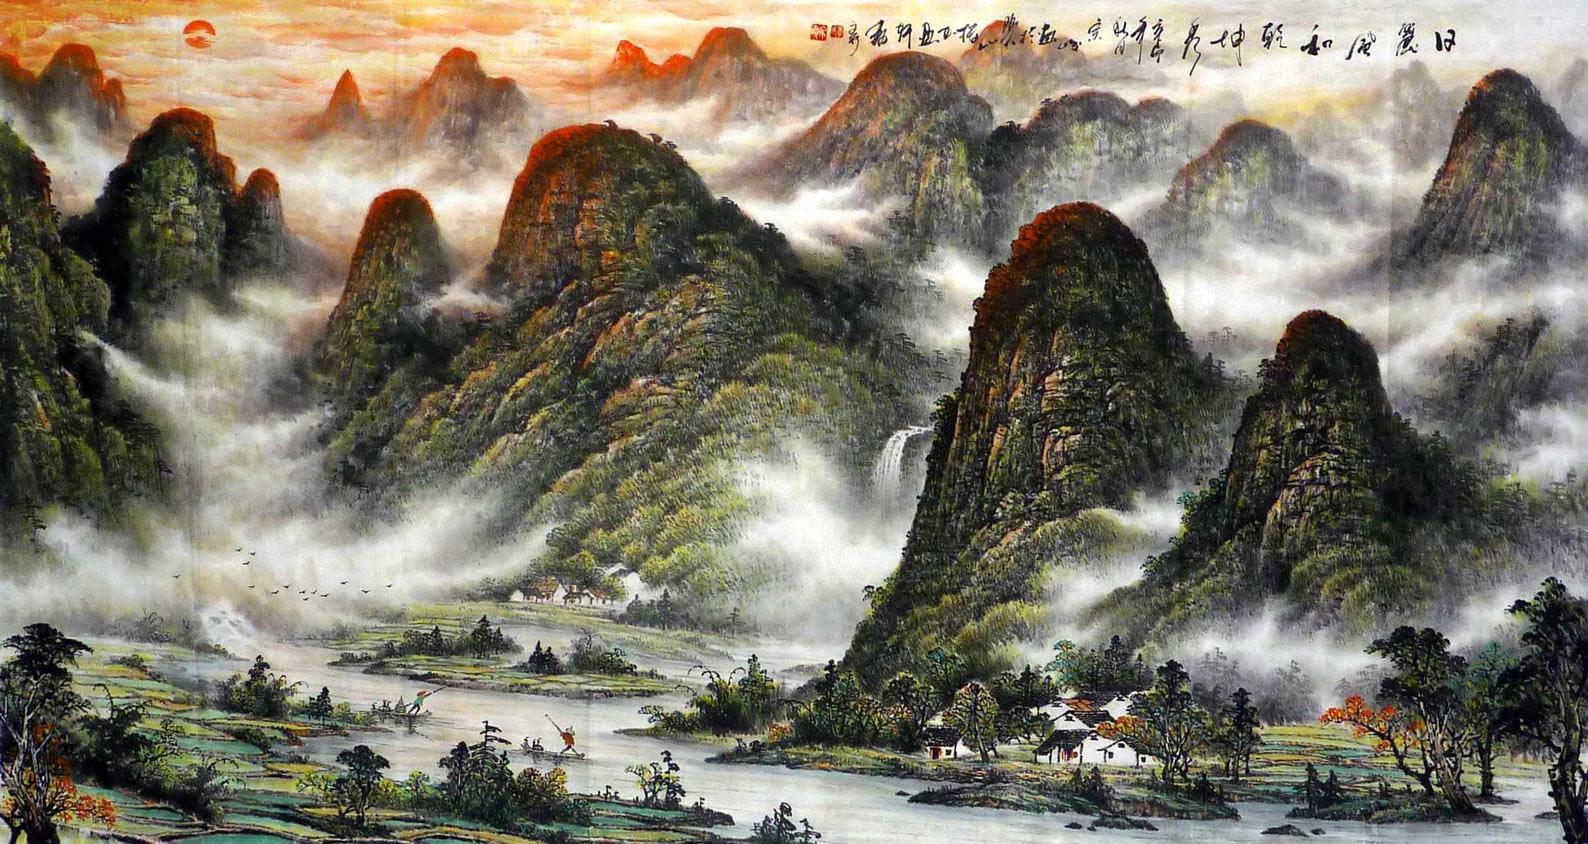 刘纪三尺竹子山水画《竹林人家》图片